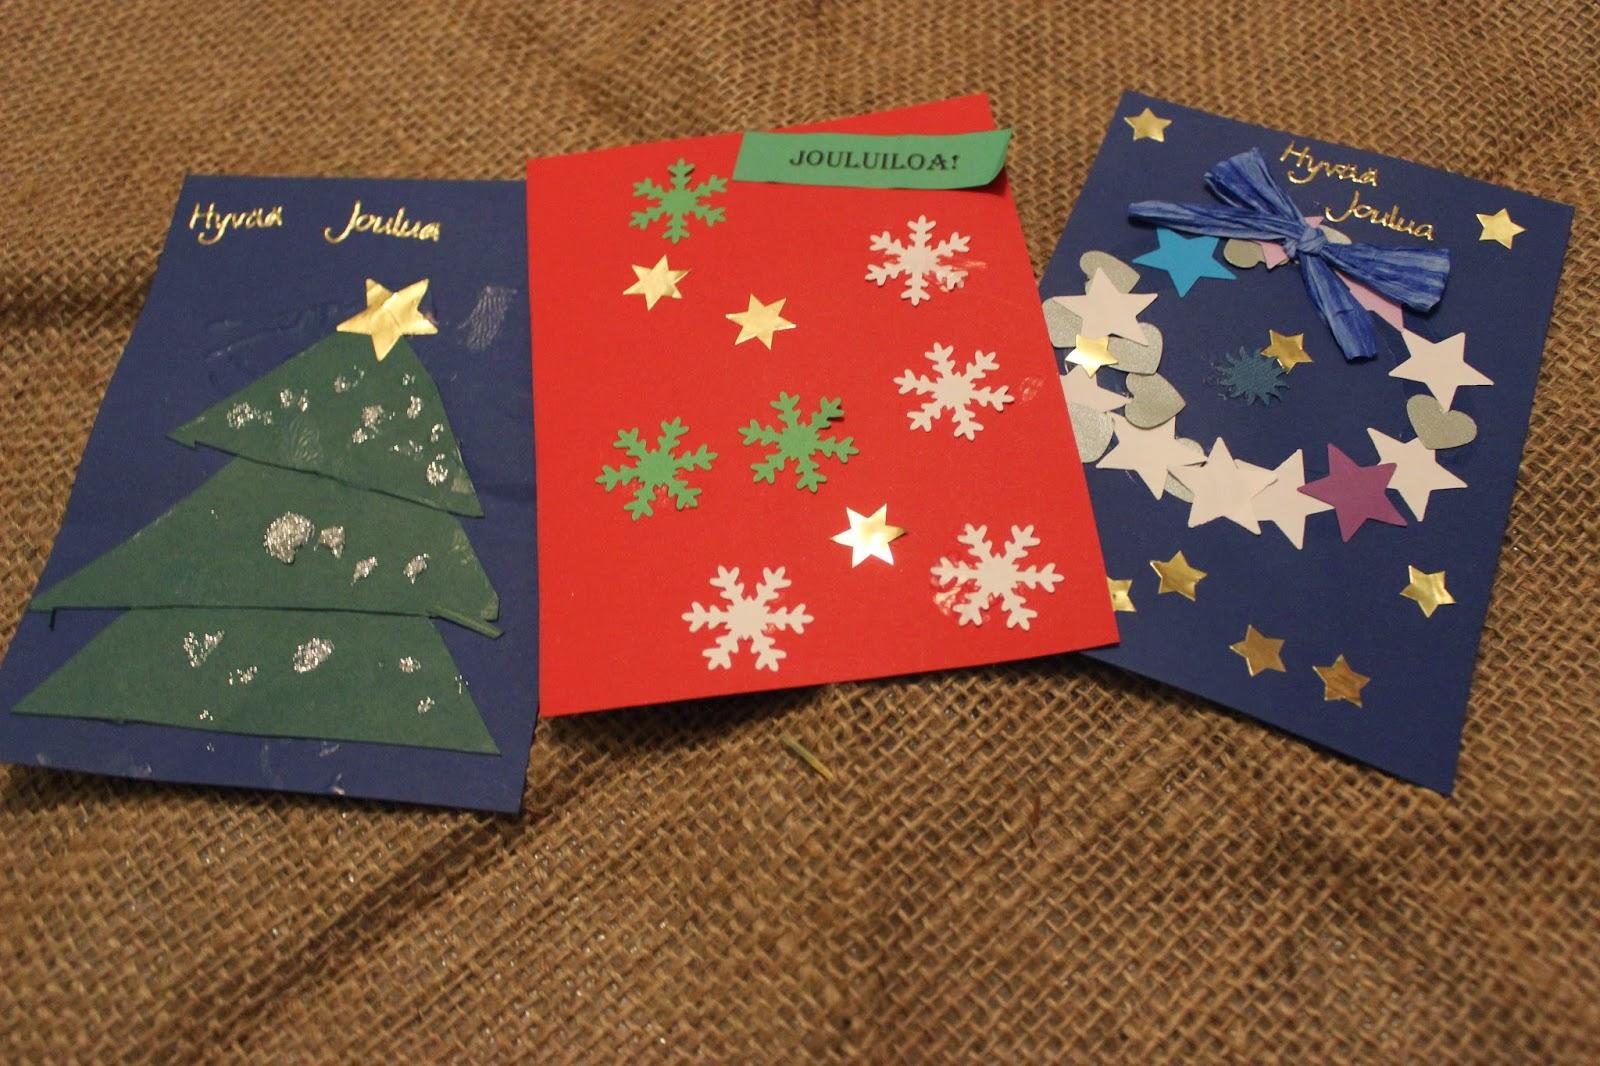 joulukorttien askarteleminen